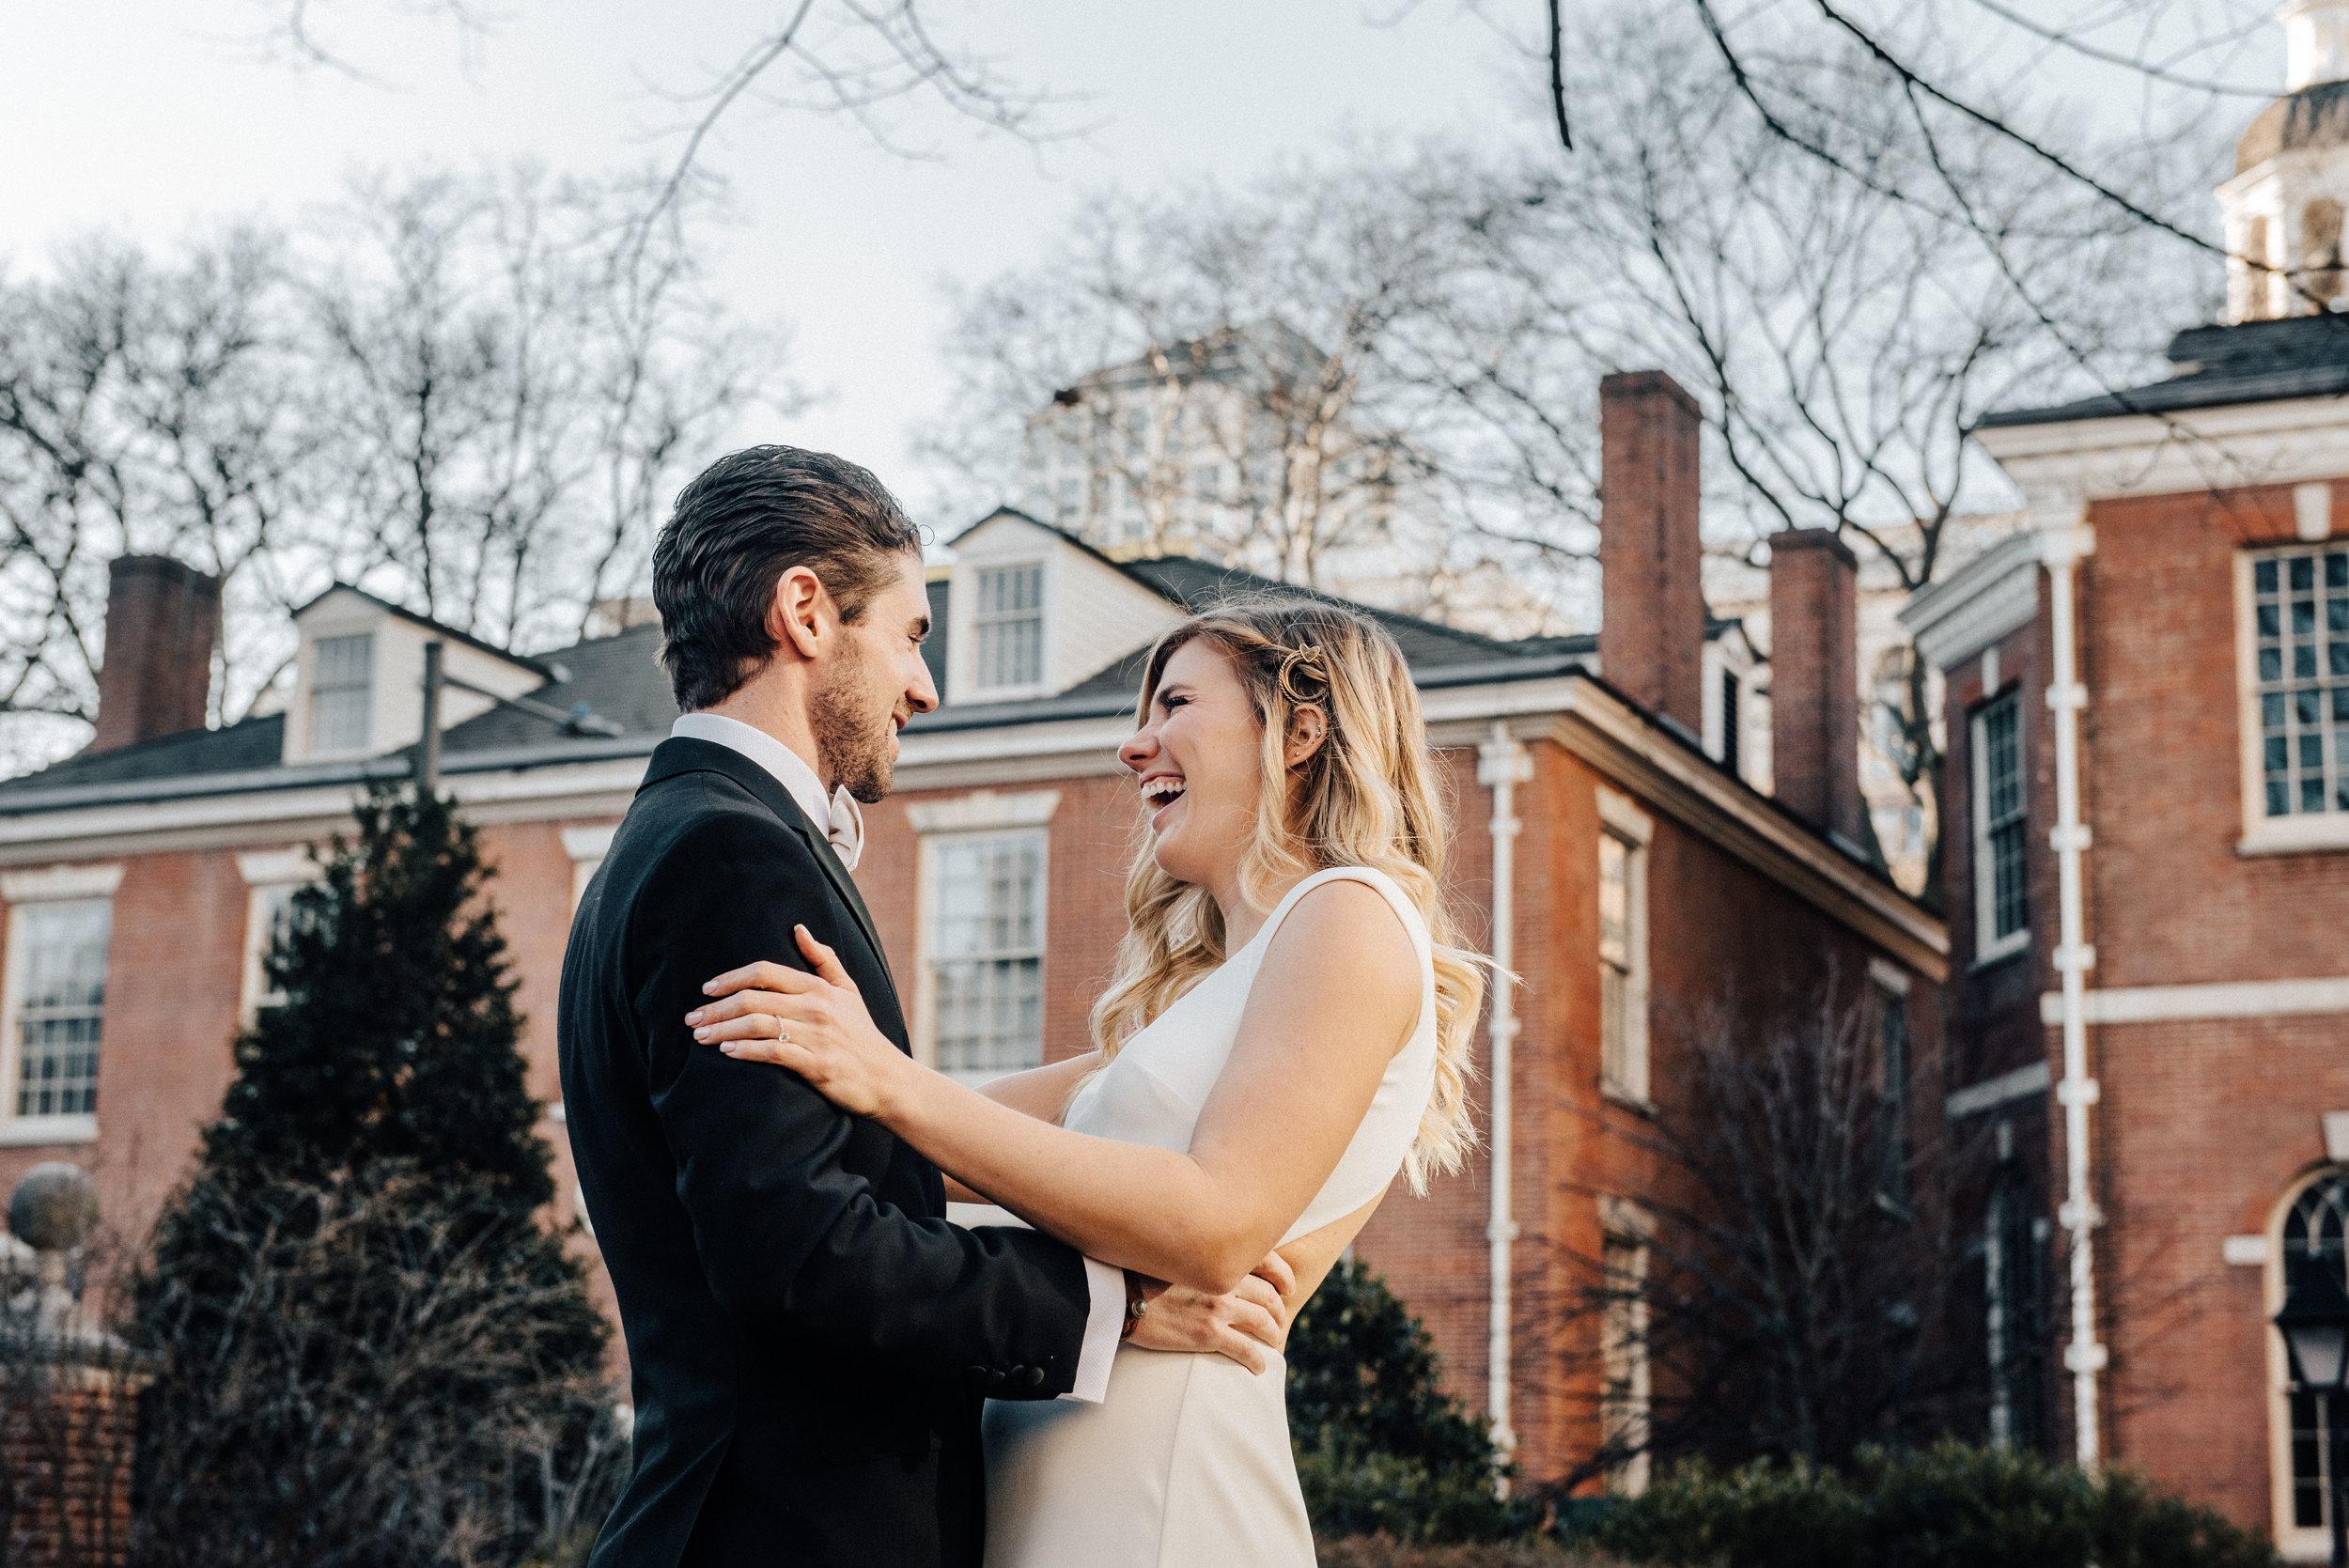 Wedding_ErinJimmy-26.jpg